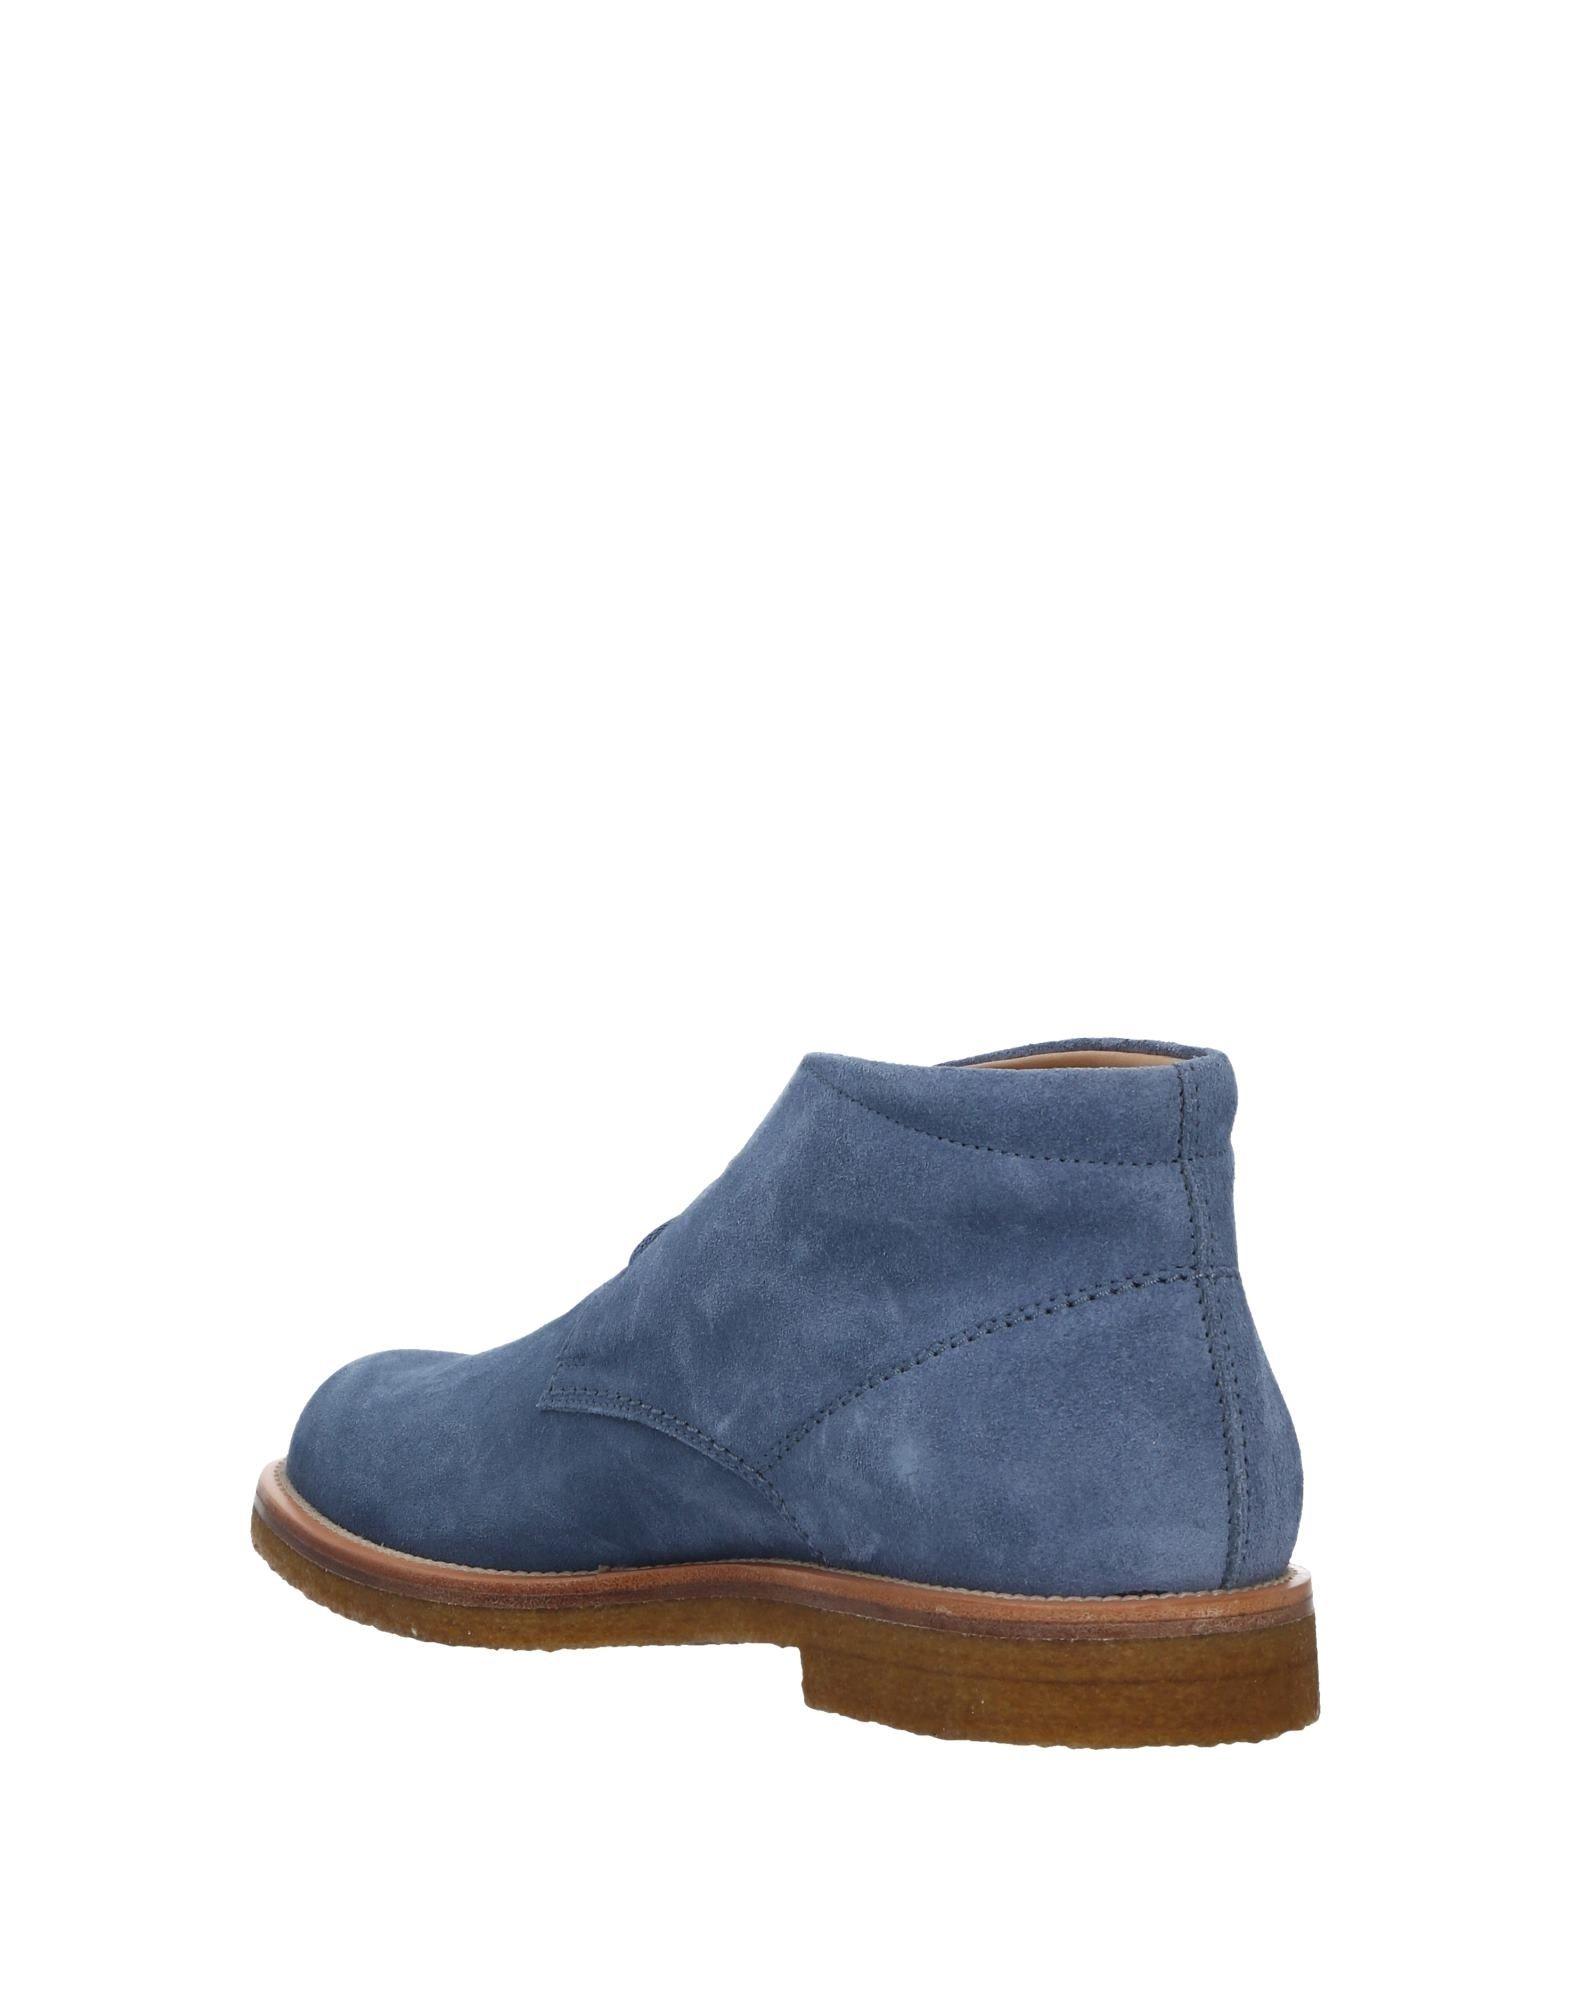 Tod's Stiefelette Herren Qualität  11541305UQ Gute Qualität Herren beliebte Schuhe 8cd87d